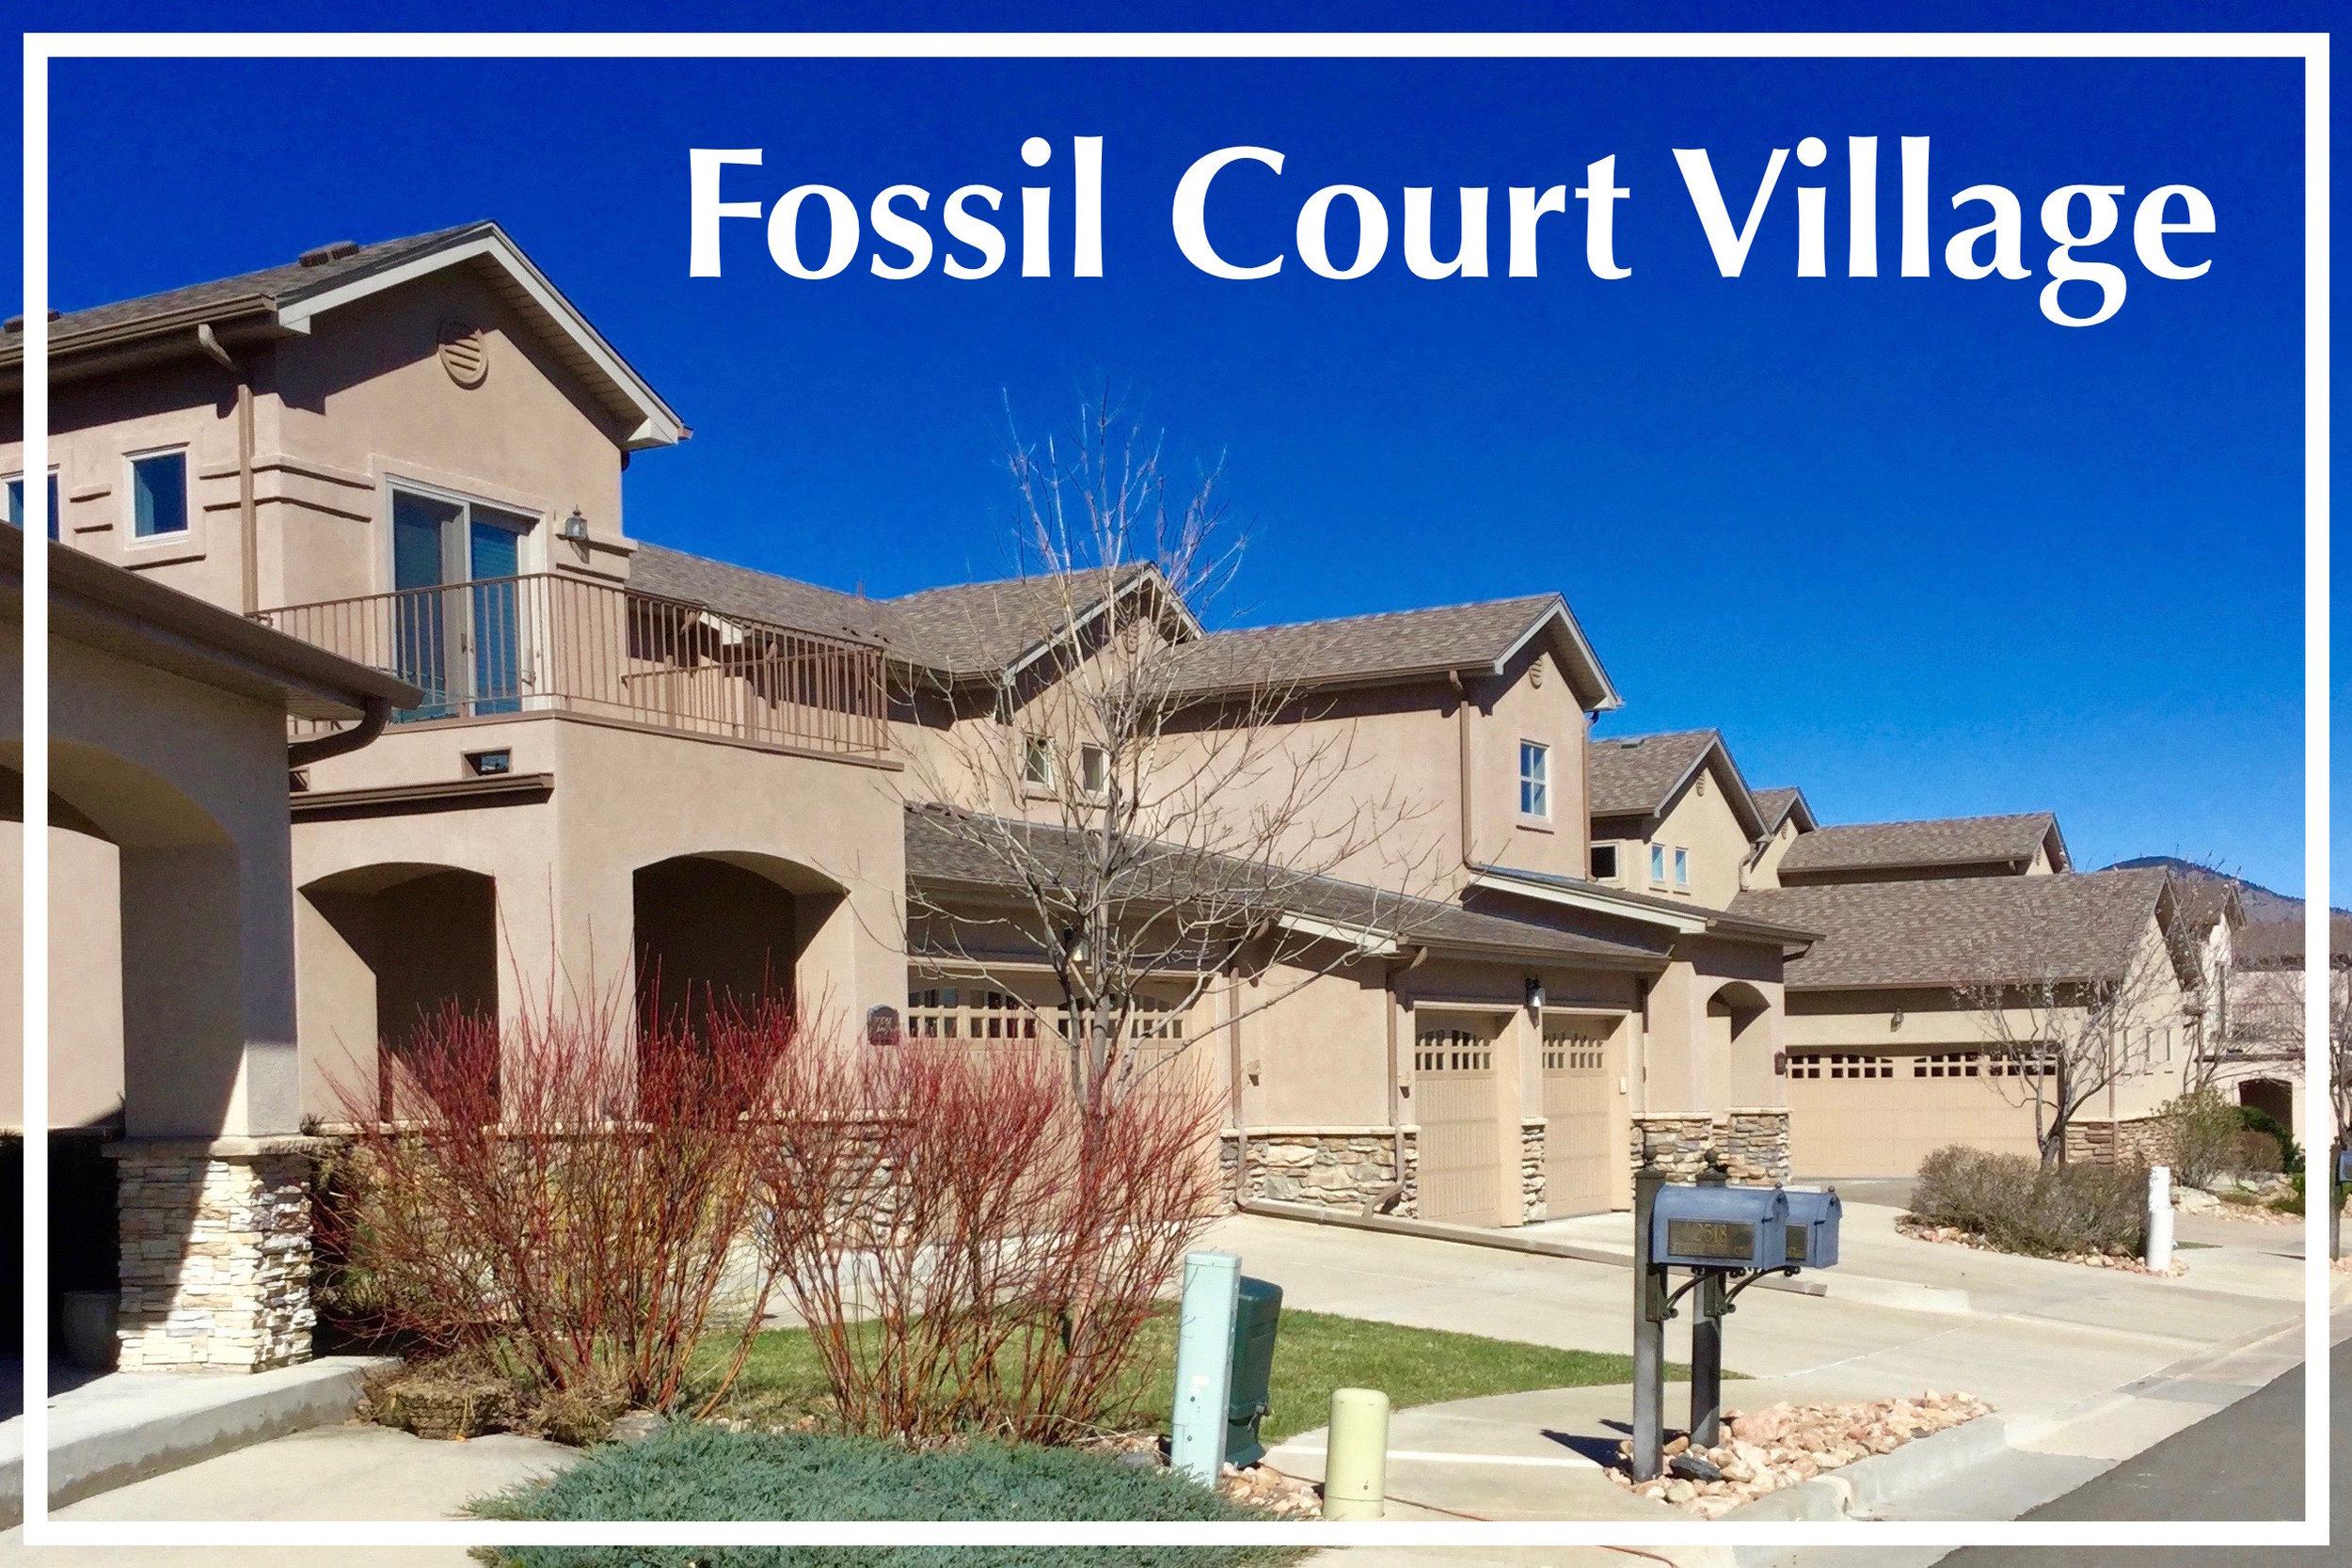 Fossil Court Village.jpg